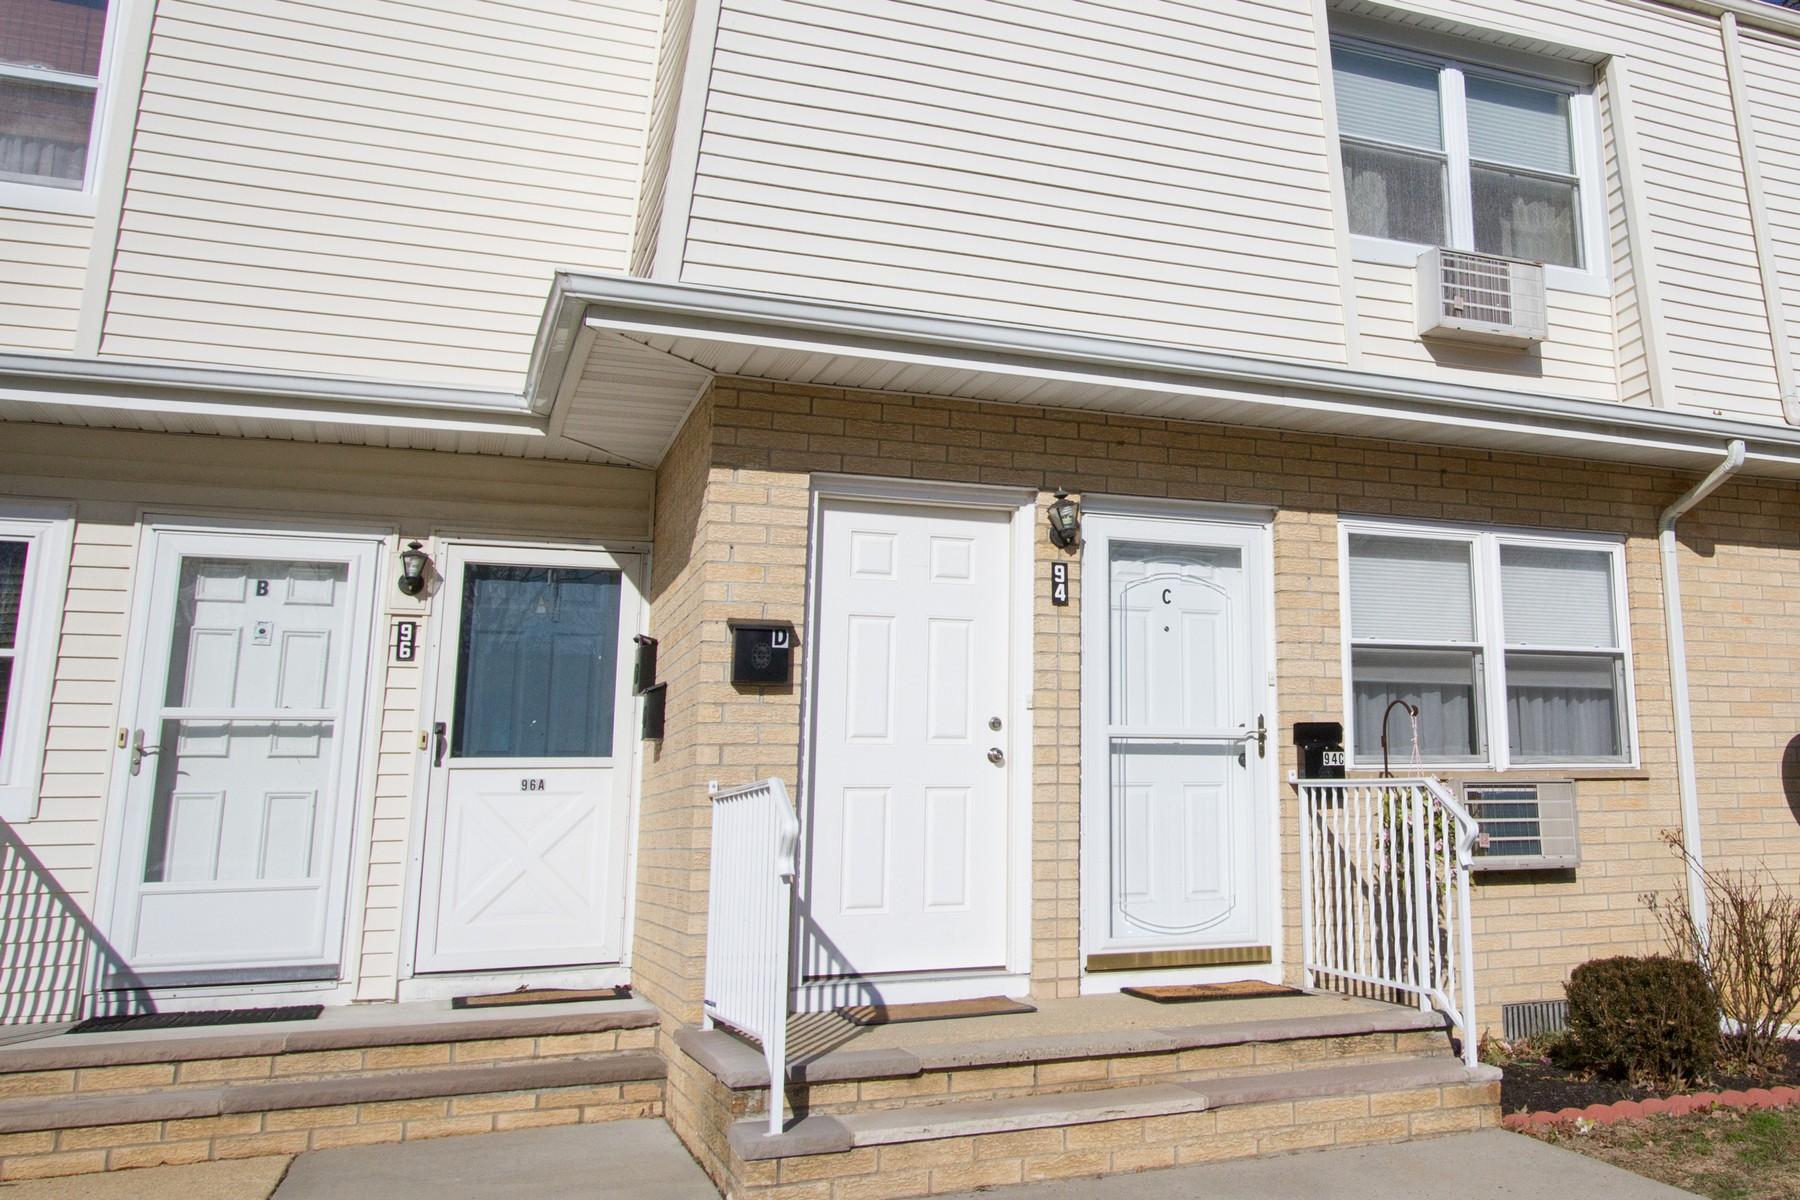 合作公寓 为 销售 在 Eadon Brook 94 White St D 伊顿敦, 新泽西州 07724 美国